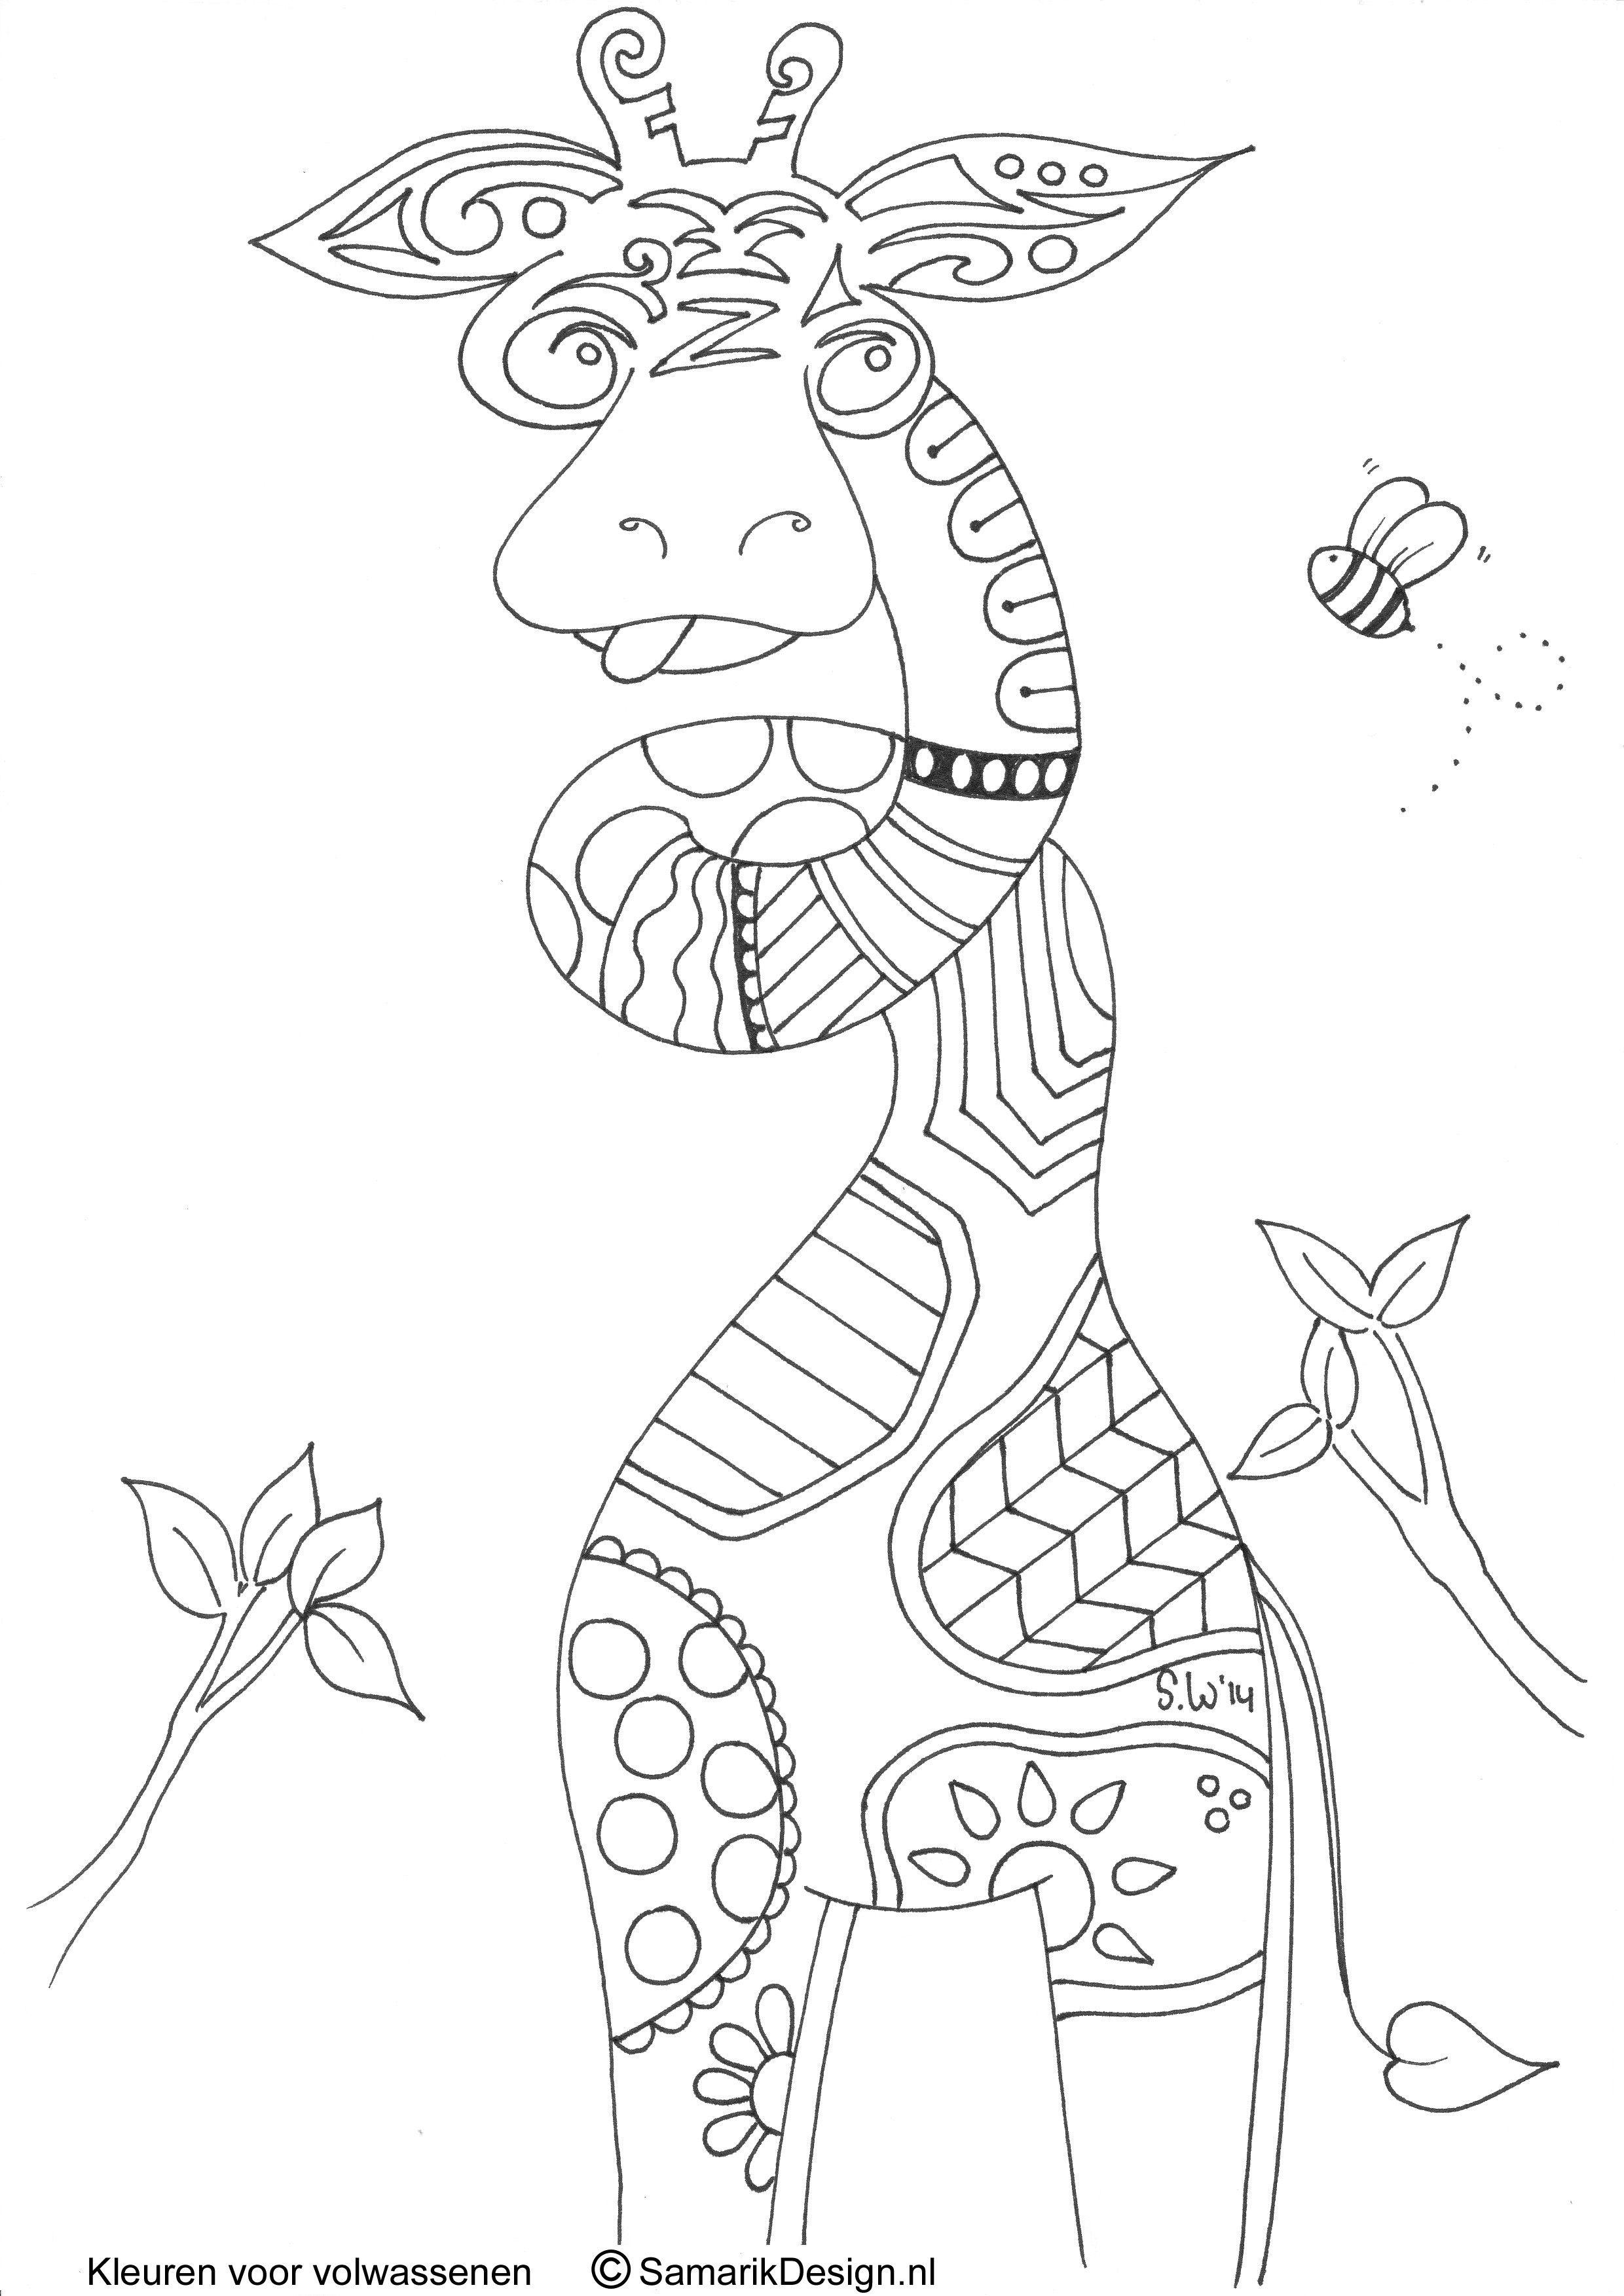 Giraffe Doodle Kleurplaten Kleurplaten Voor Volwassenen Kleuren